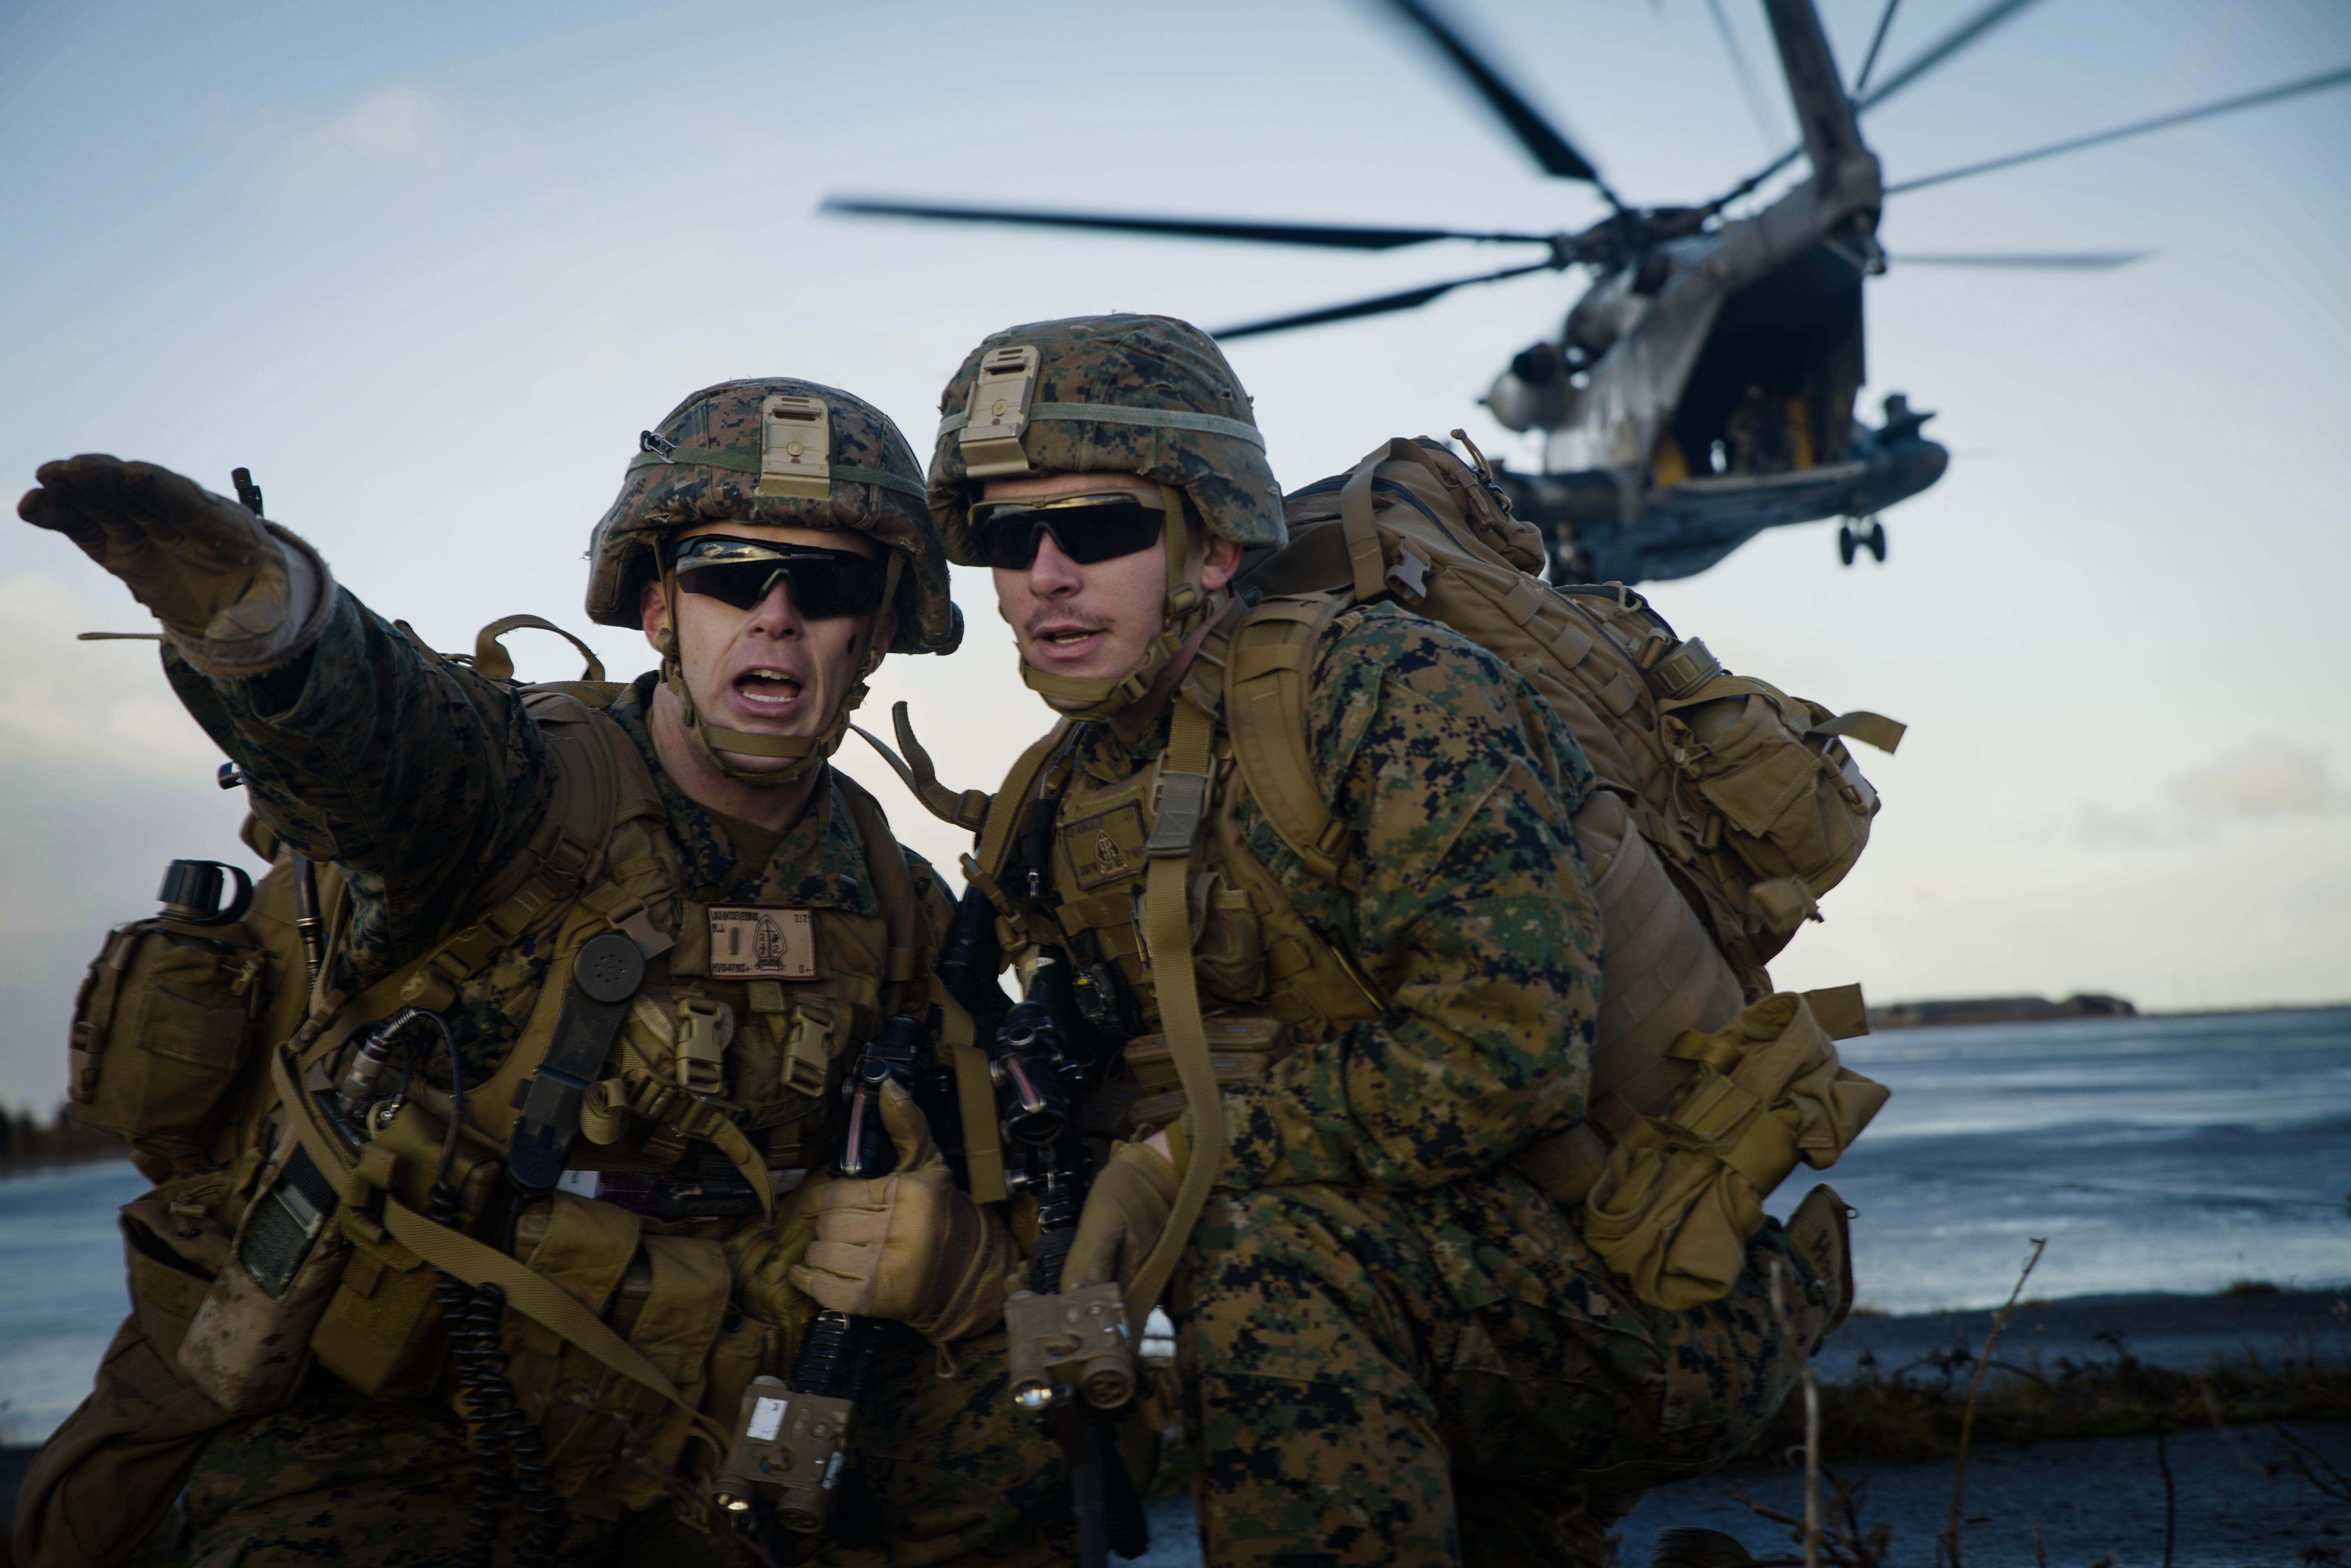 7 октября 2018 года: подготовка к дальнейшей части учений «Трайдент джанкчер – 2018» в Норвегии; морские пехотинцы США отрабатывают десантно-штурмовые действия на авиабазе Кефлавик в Исландии и обеспечивают обезопасность взлетно-посадочной полосы. © DVIDS / U.S. Marine Corps photo by Sgt. Devin J. Andrews